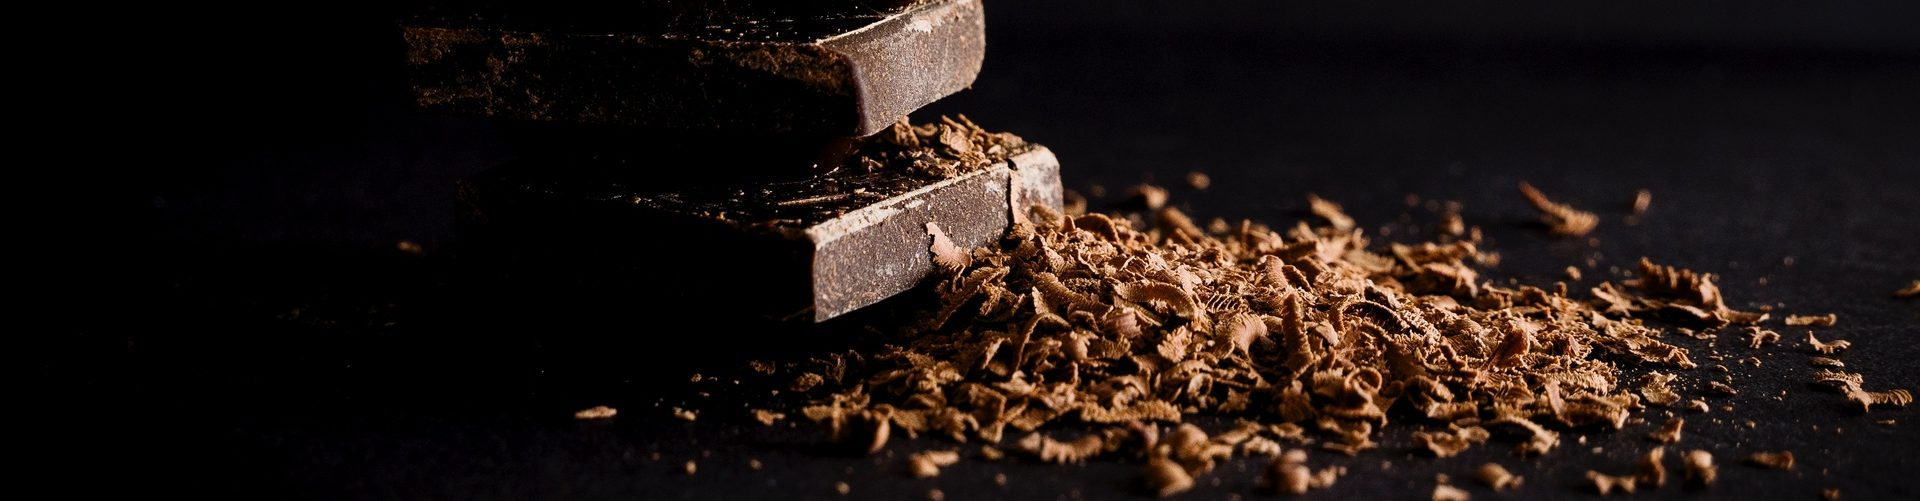 Шоколад и шоколадные заметки